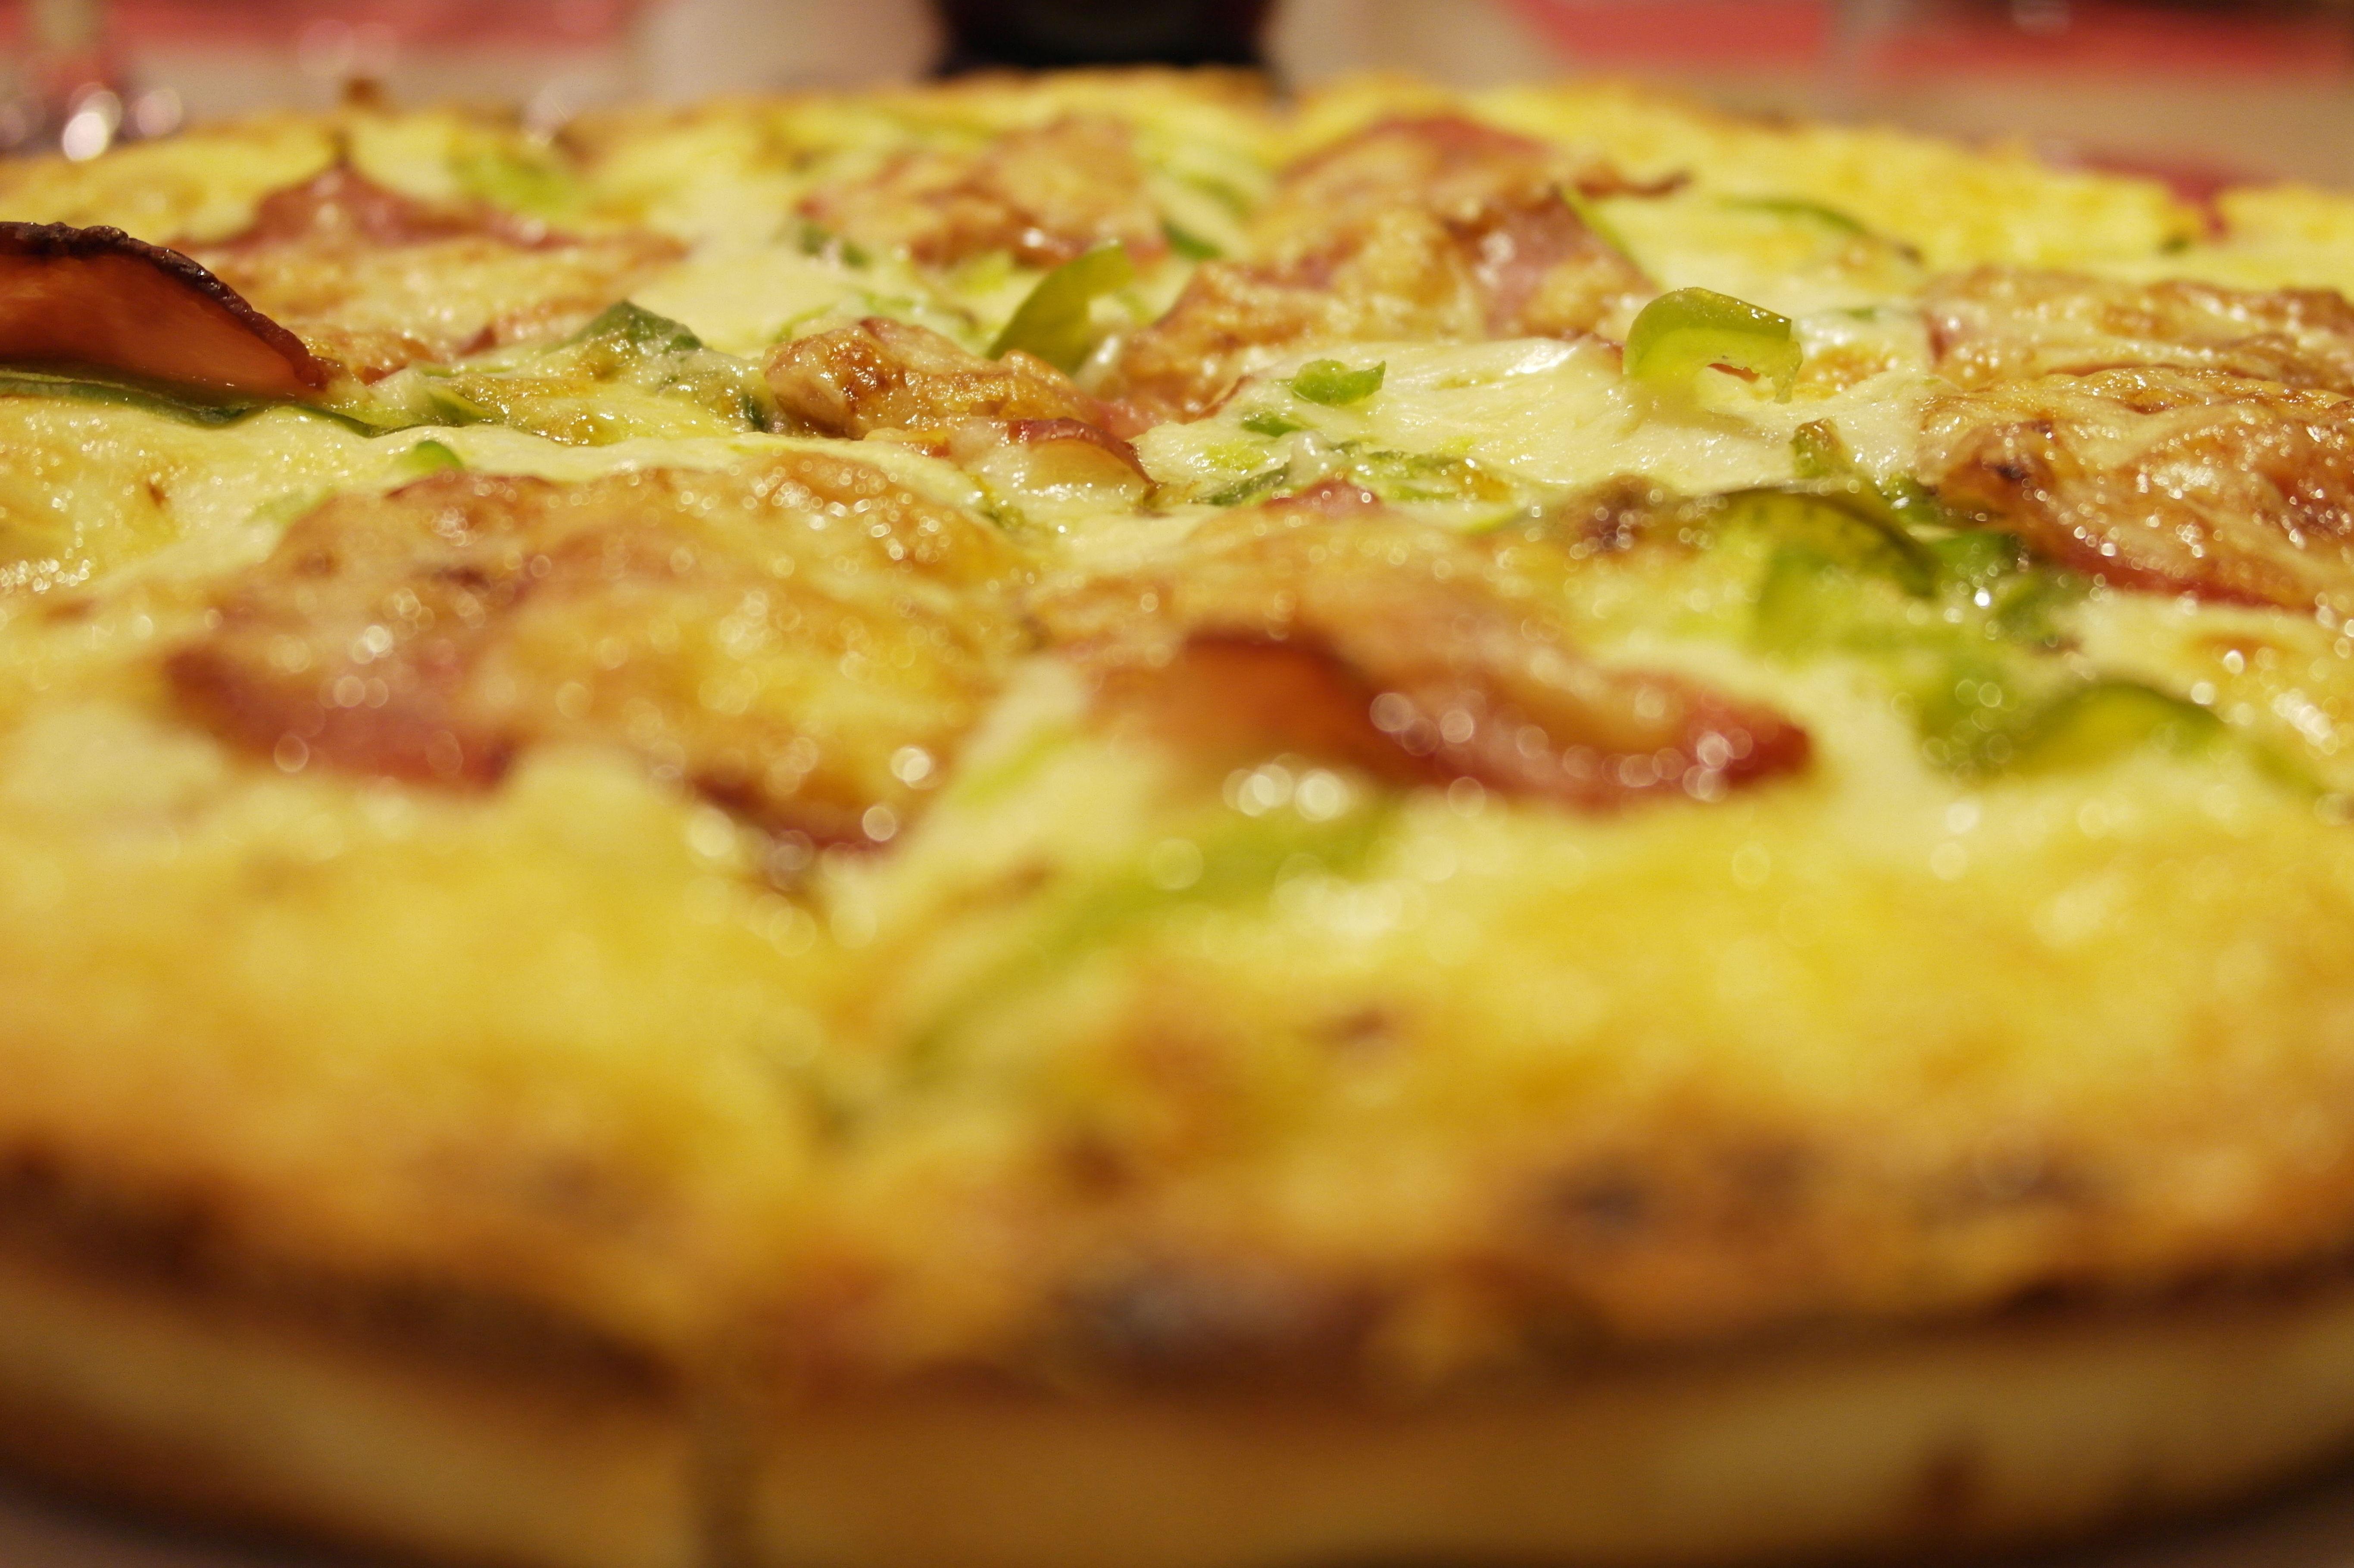 Pizzas en Chiclana de la Frontera